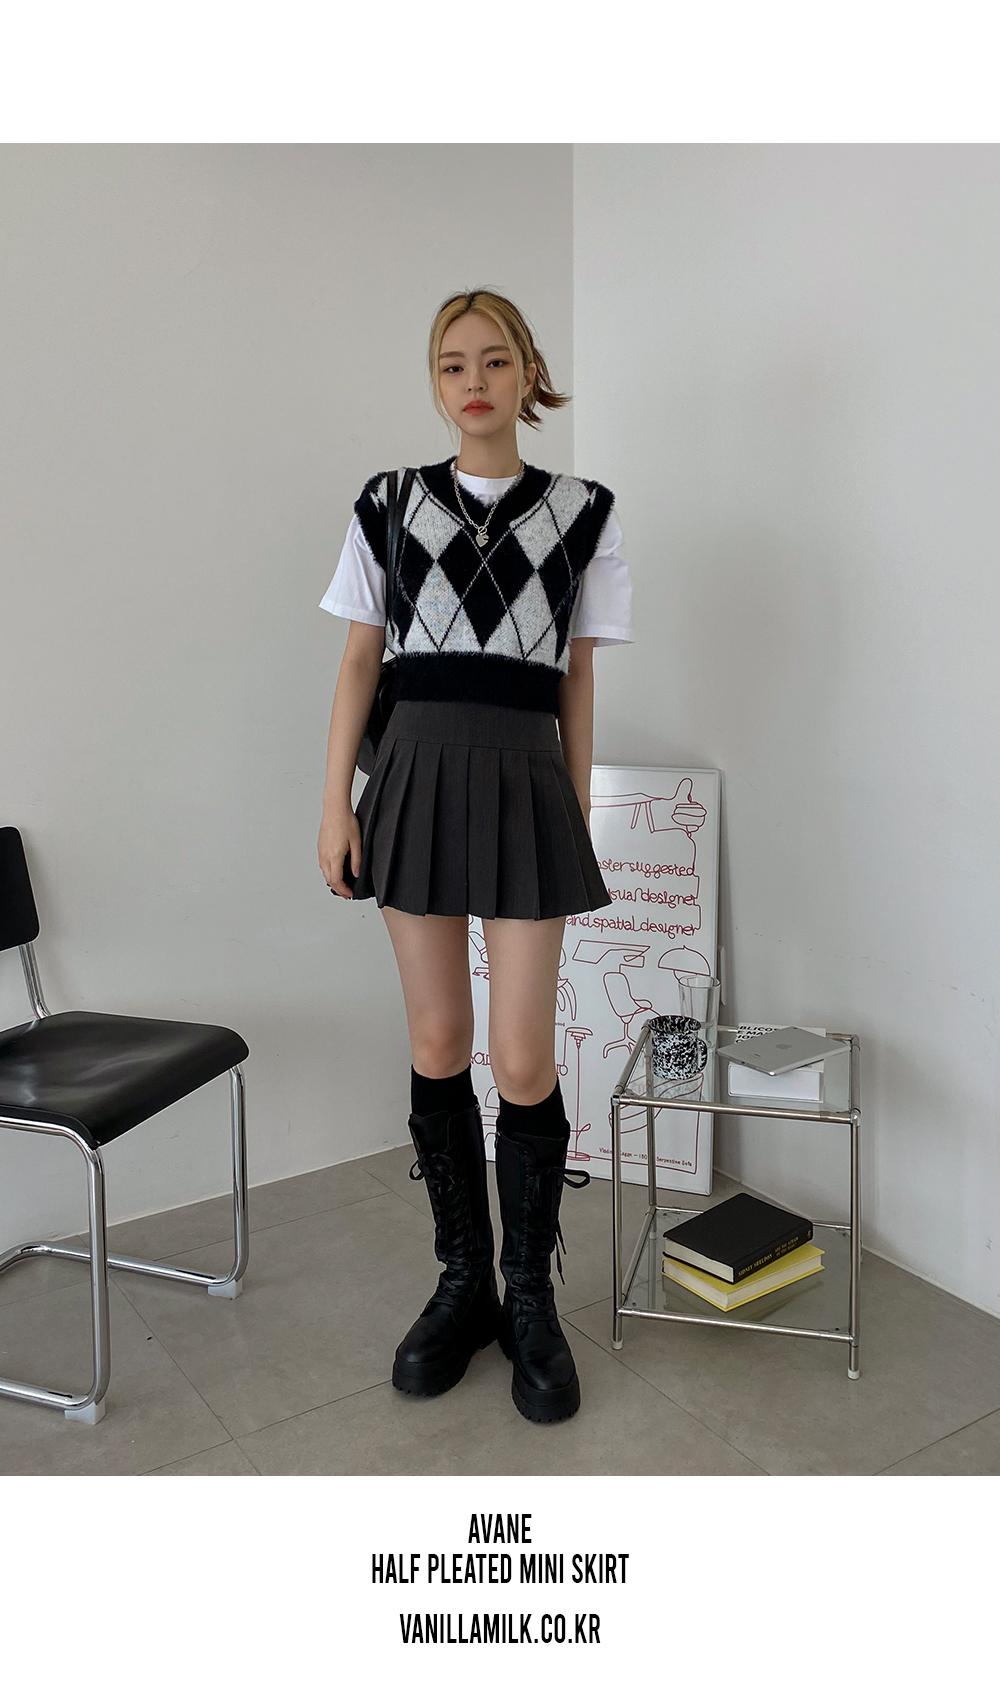 Avanne half pleated mini skirt